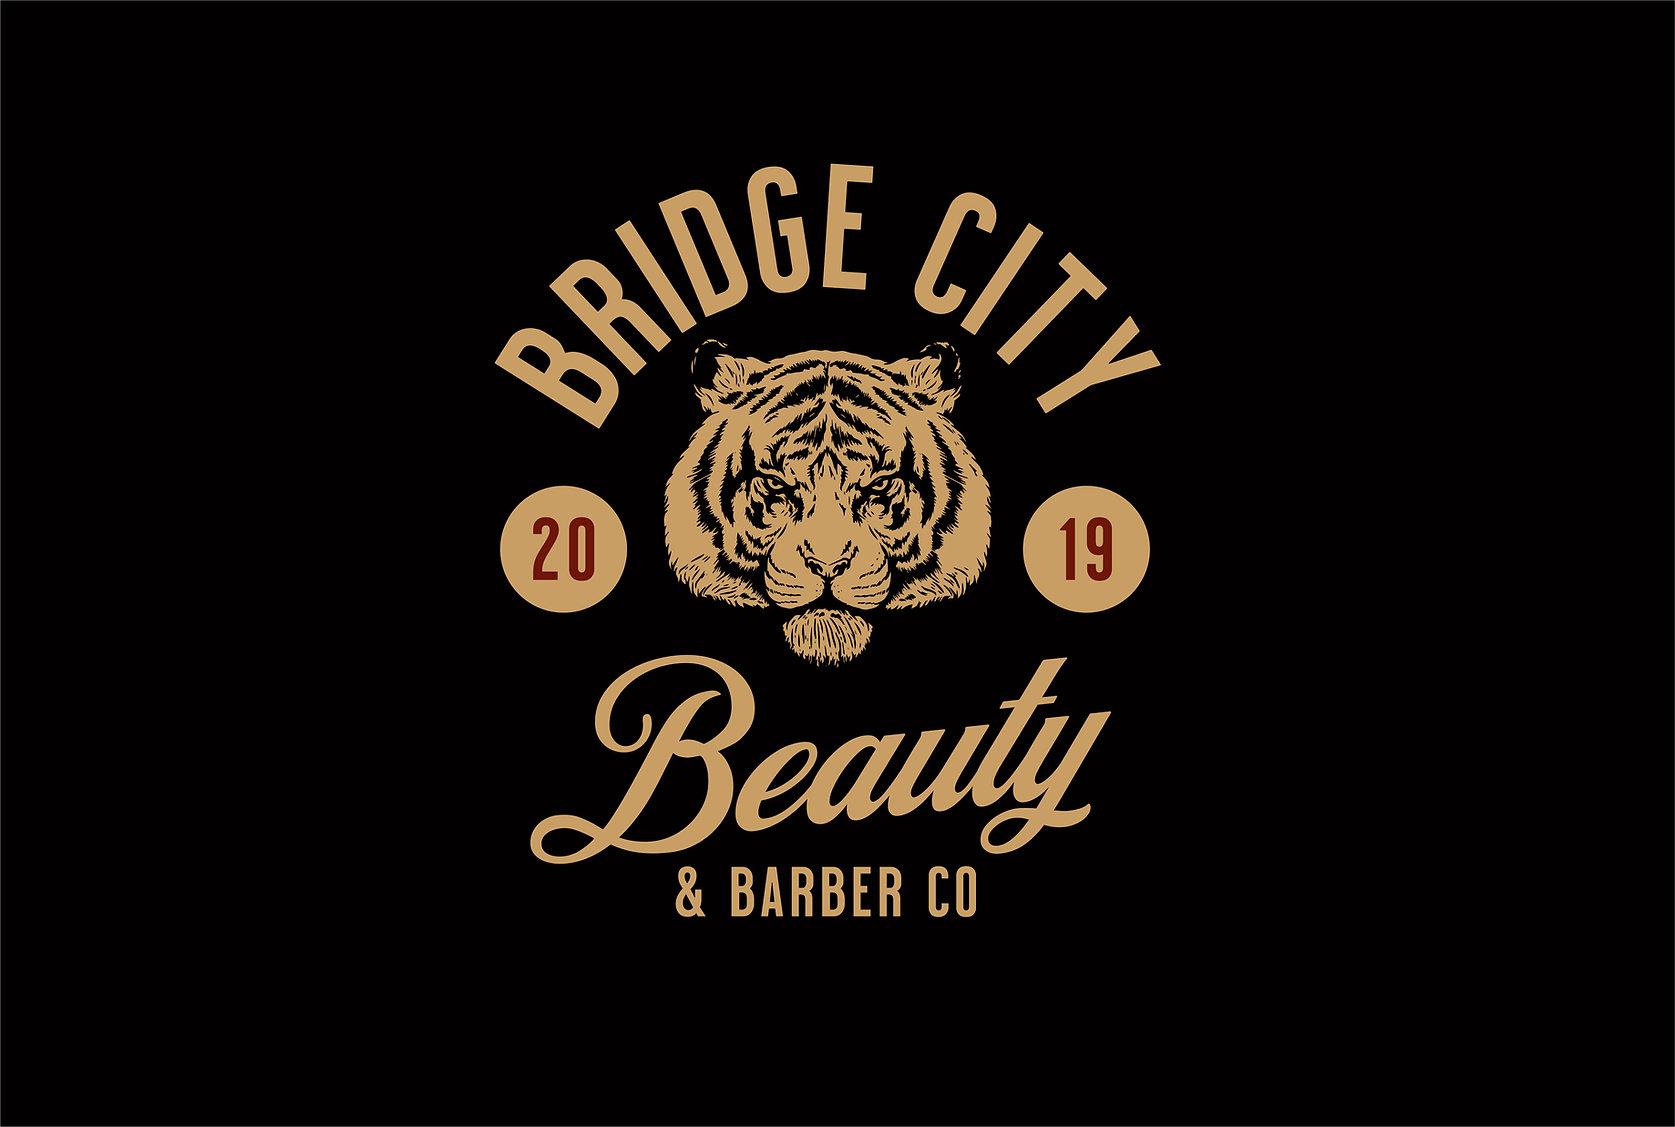 bcb logo 2.jpg